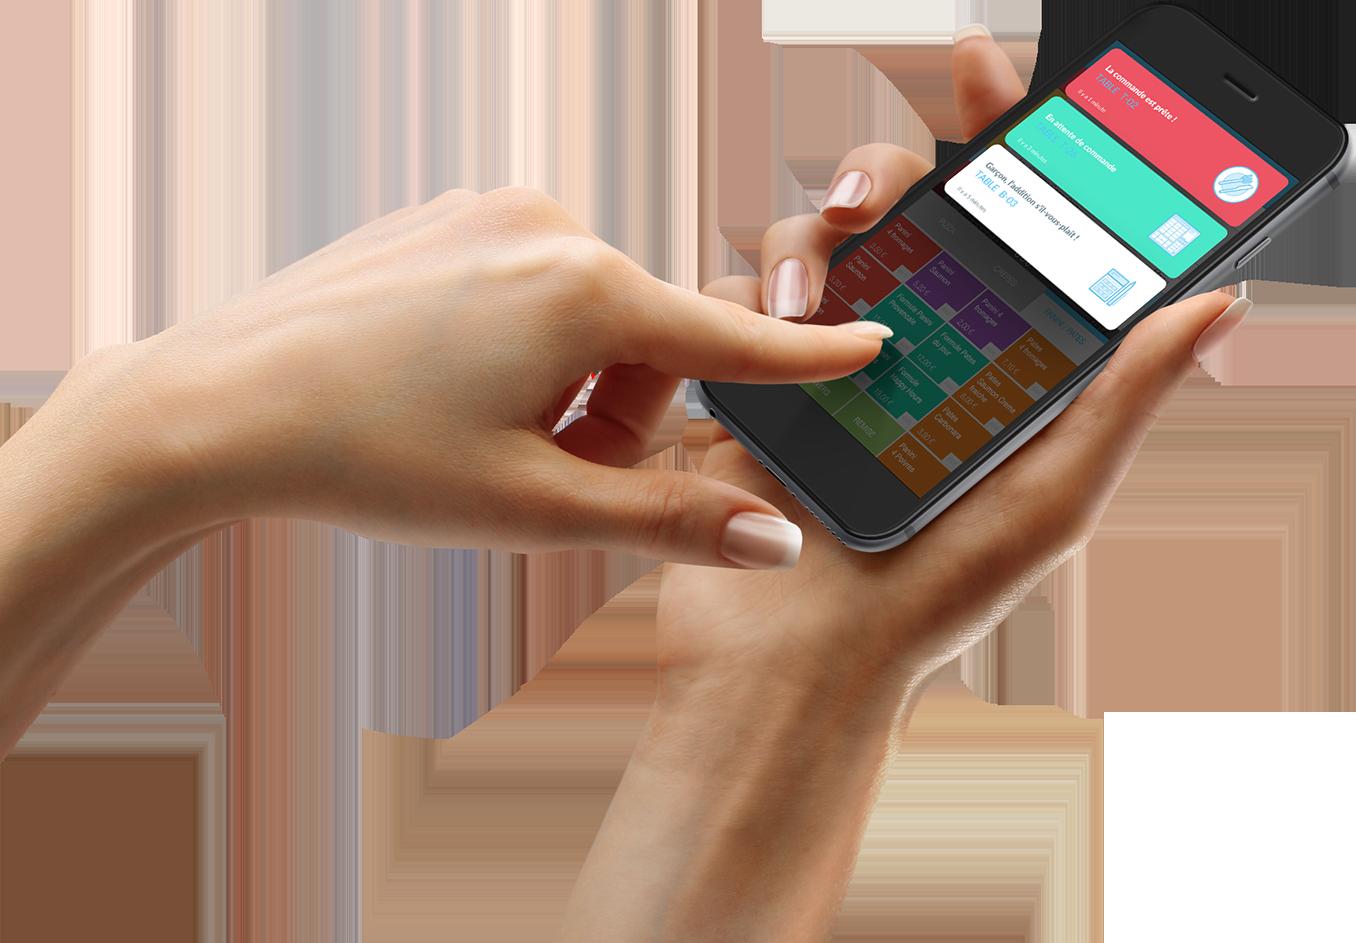 Logiciel de caisse Clyo Systems sur smartphone